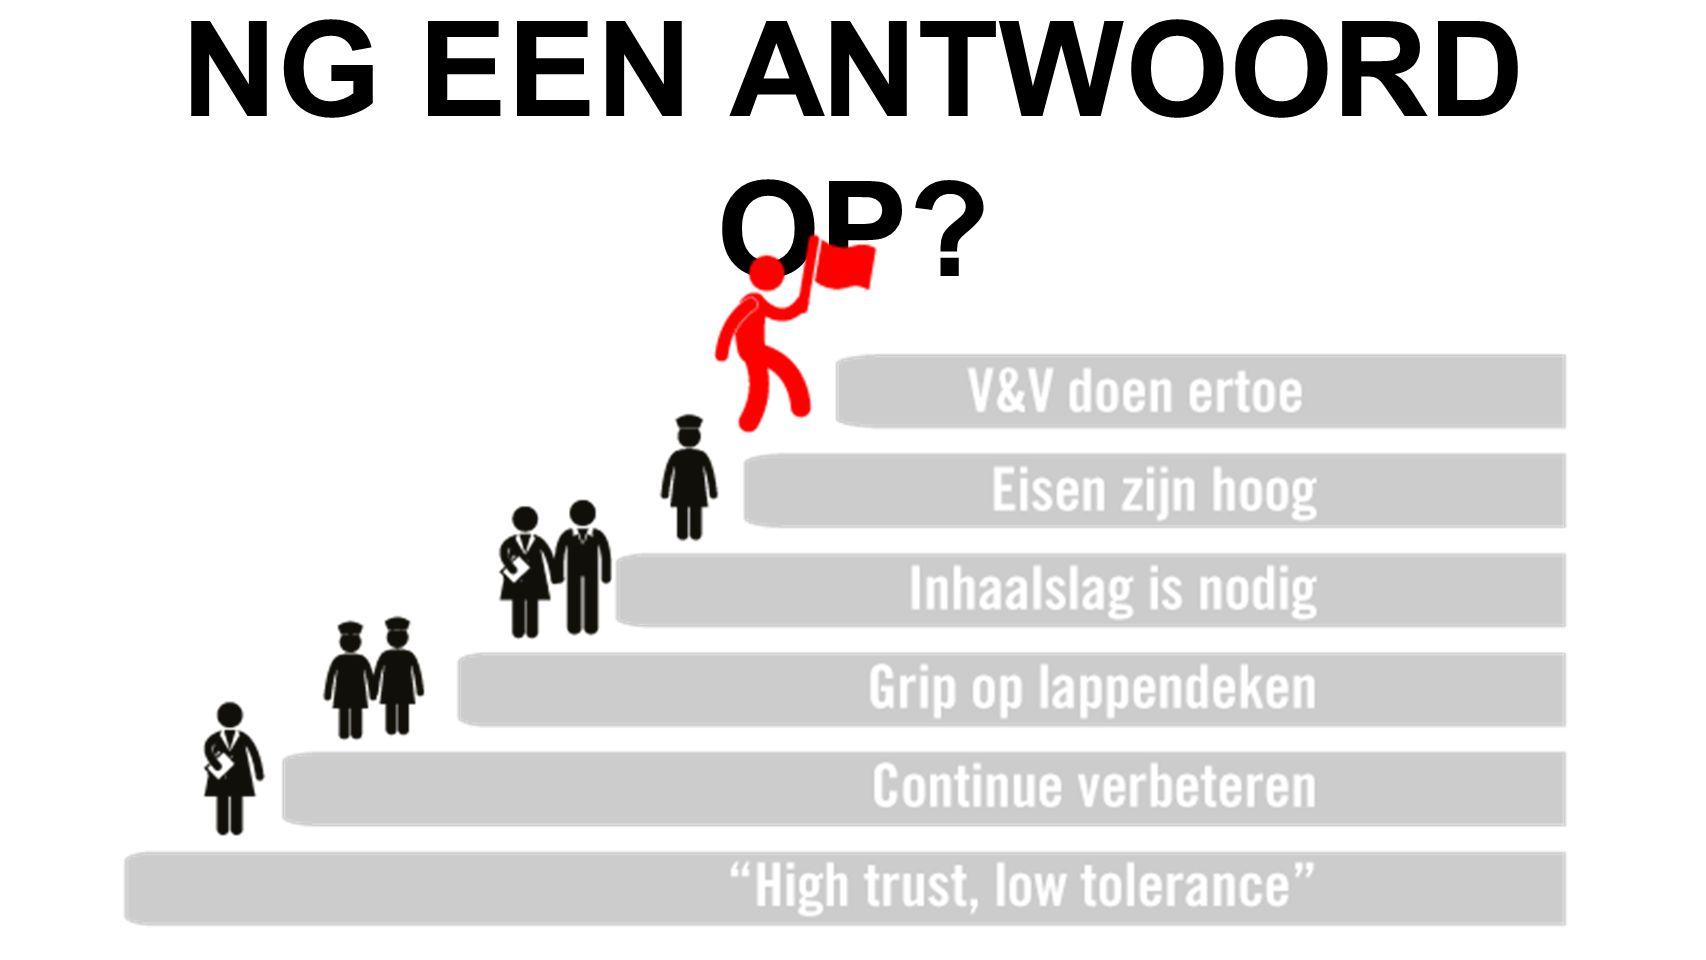 NG EEN ANTWOORD OP